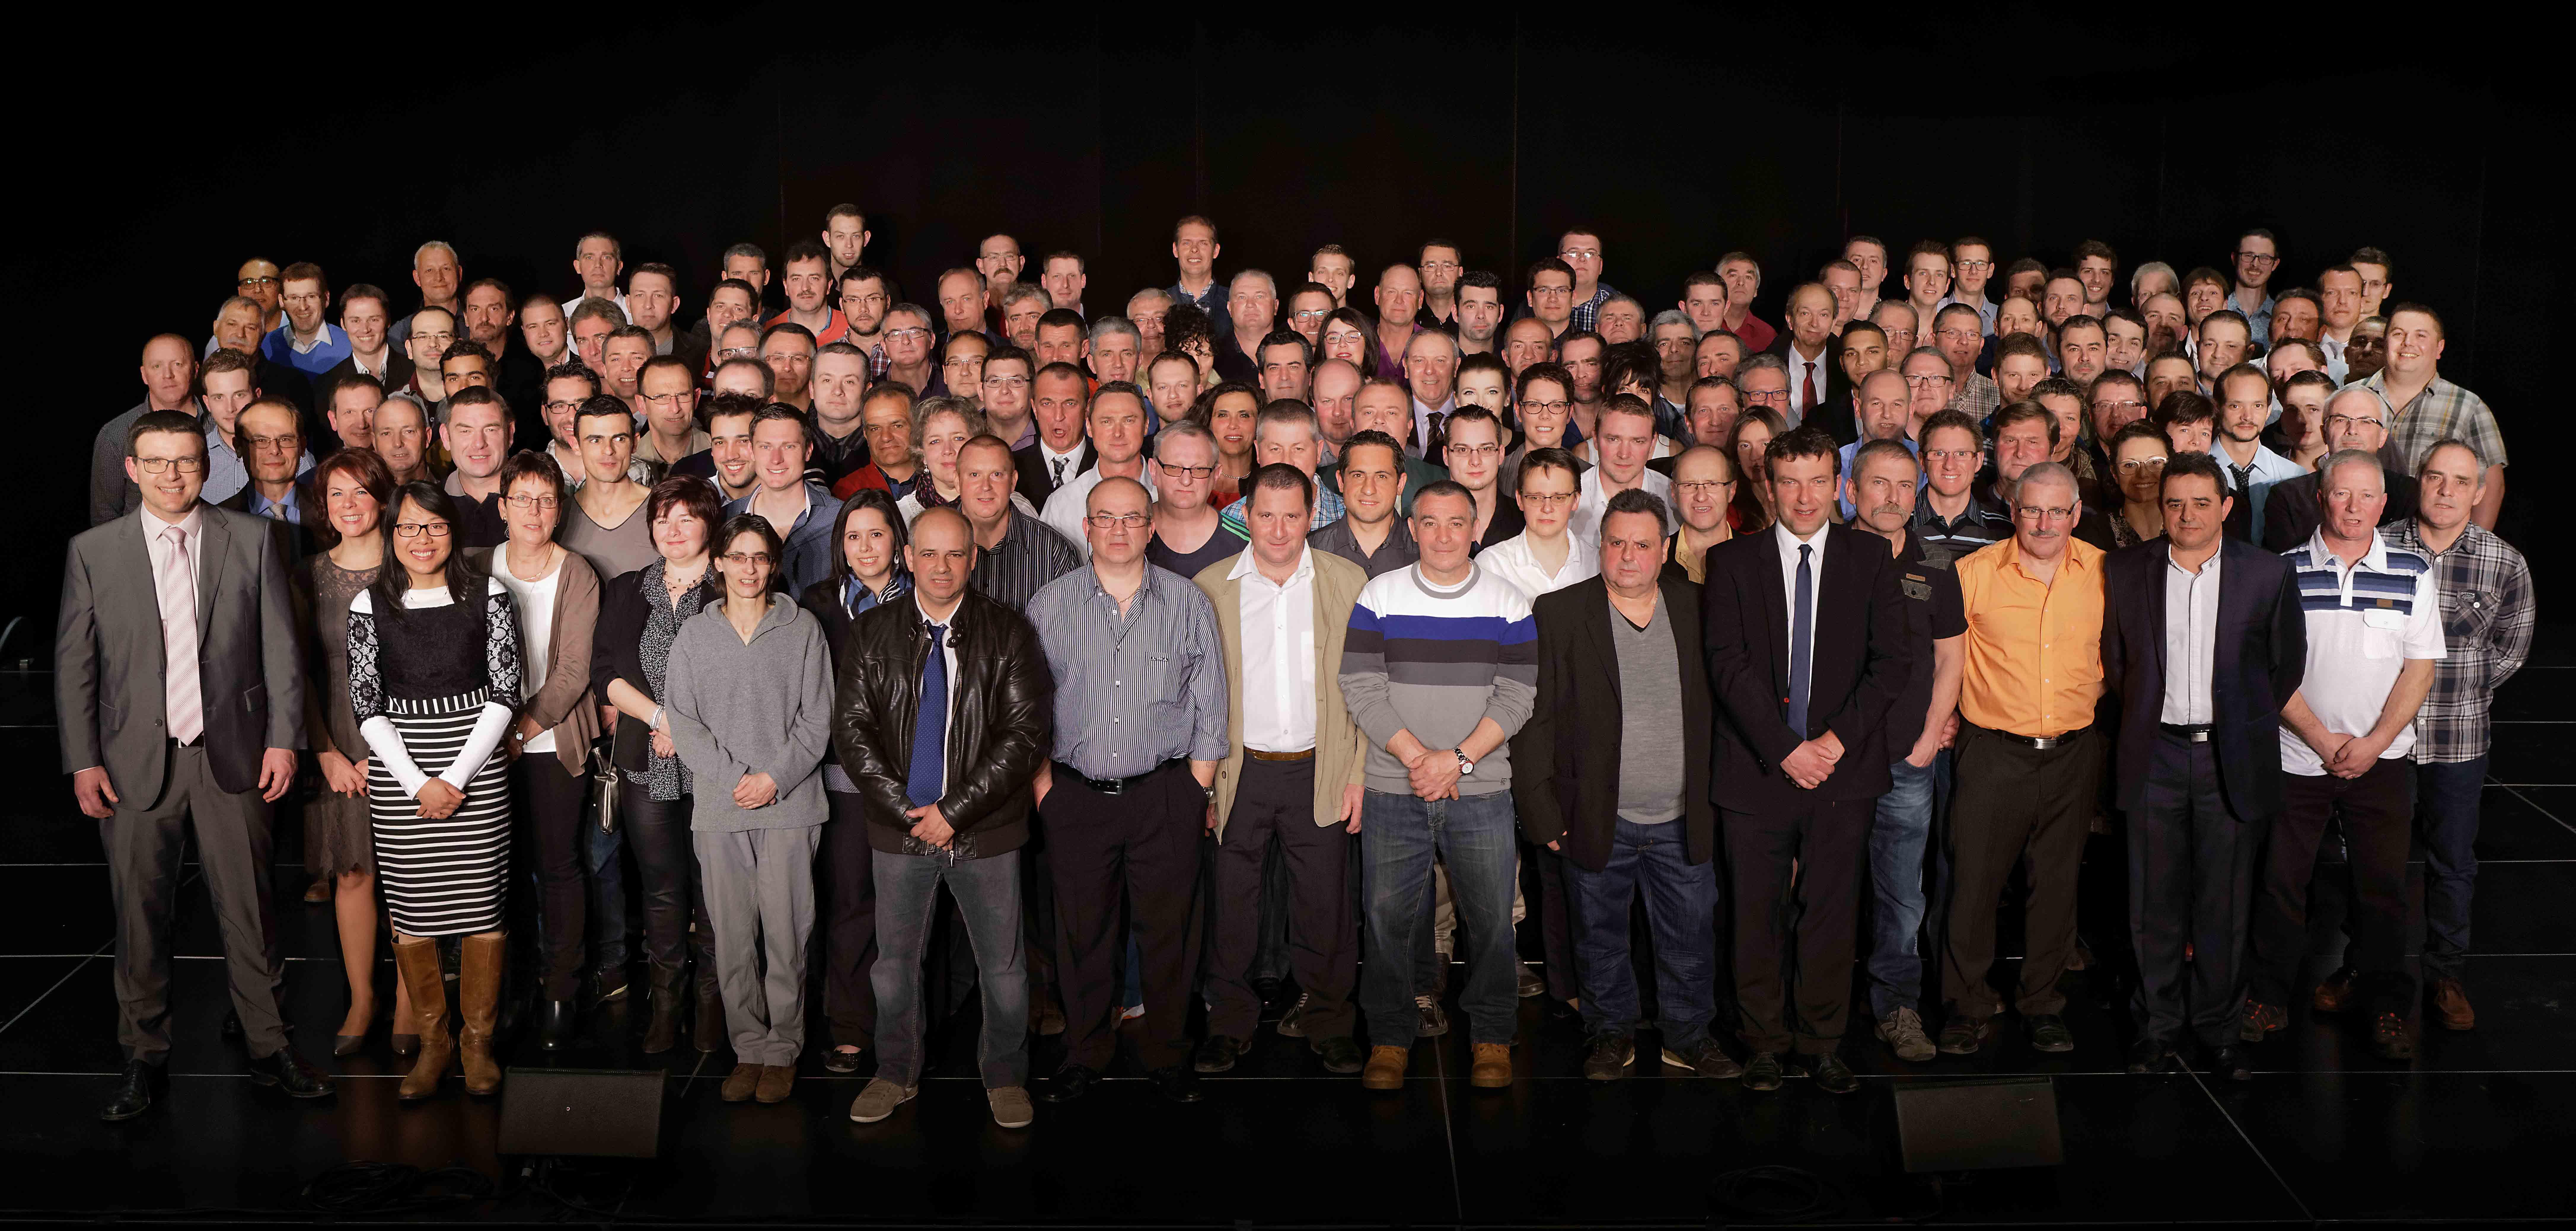 Les 160 ans de Waltefaugle photo de groupe